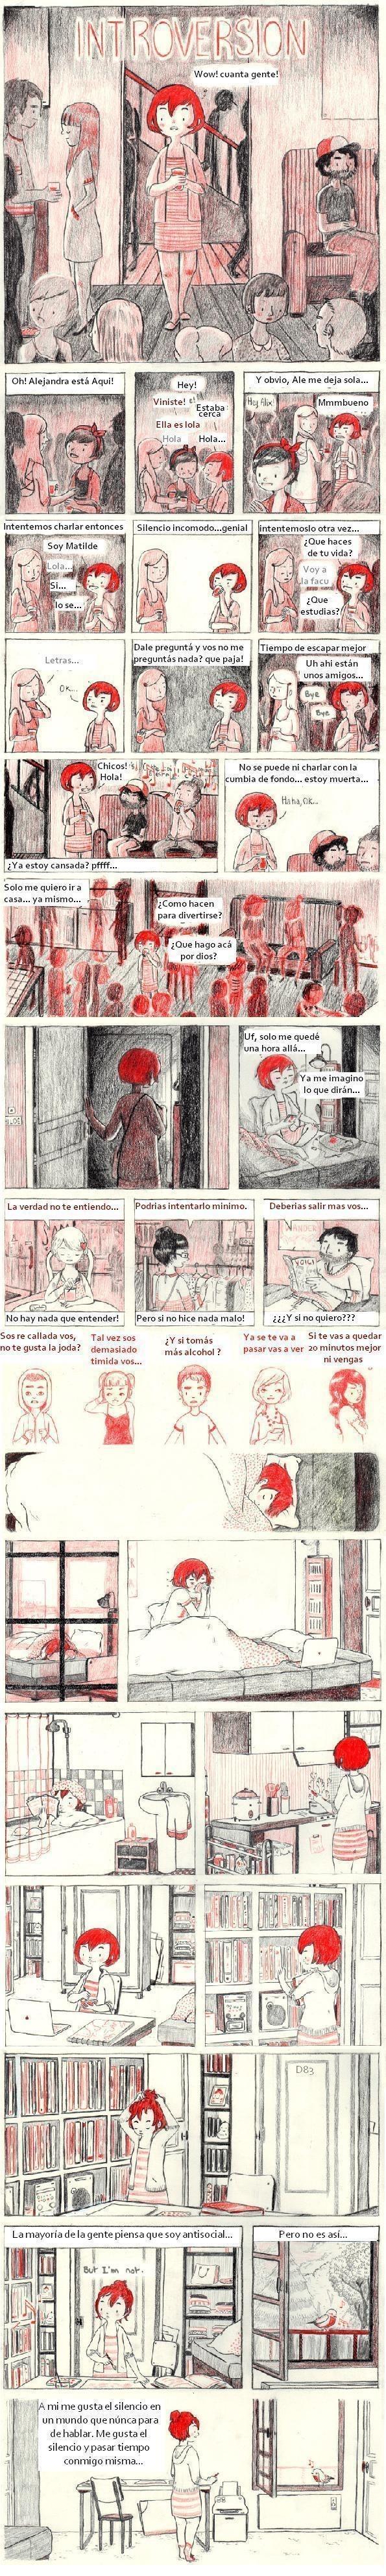 comic que explica muy bien lo que es la introversion